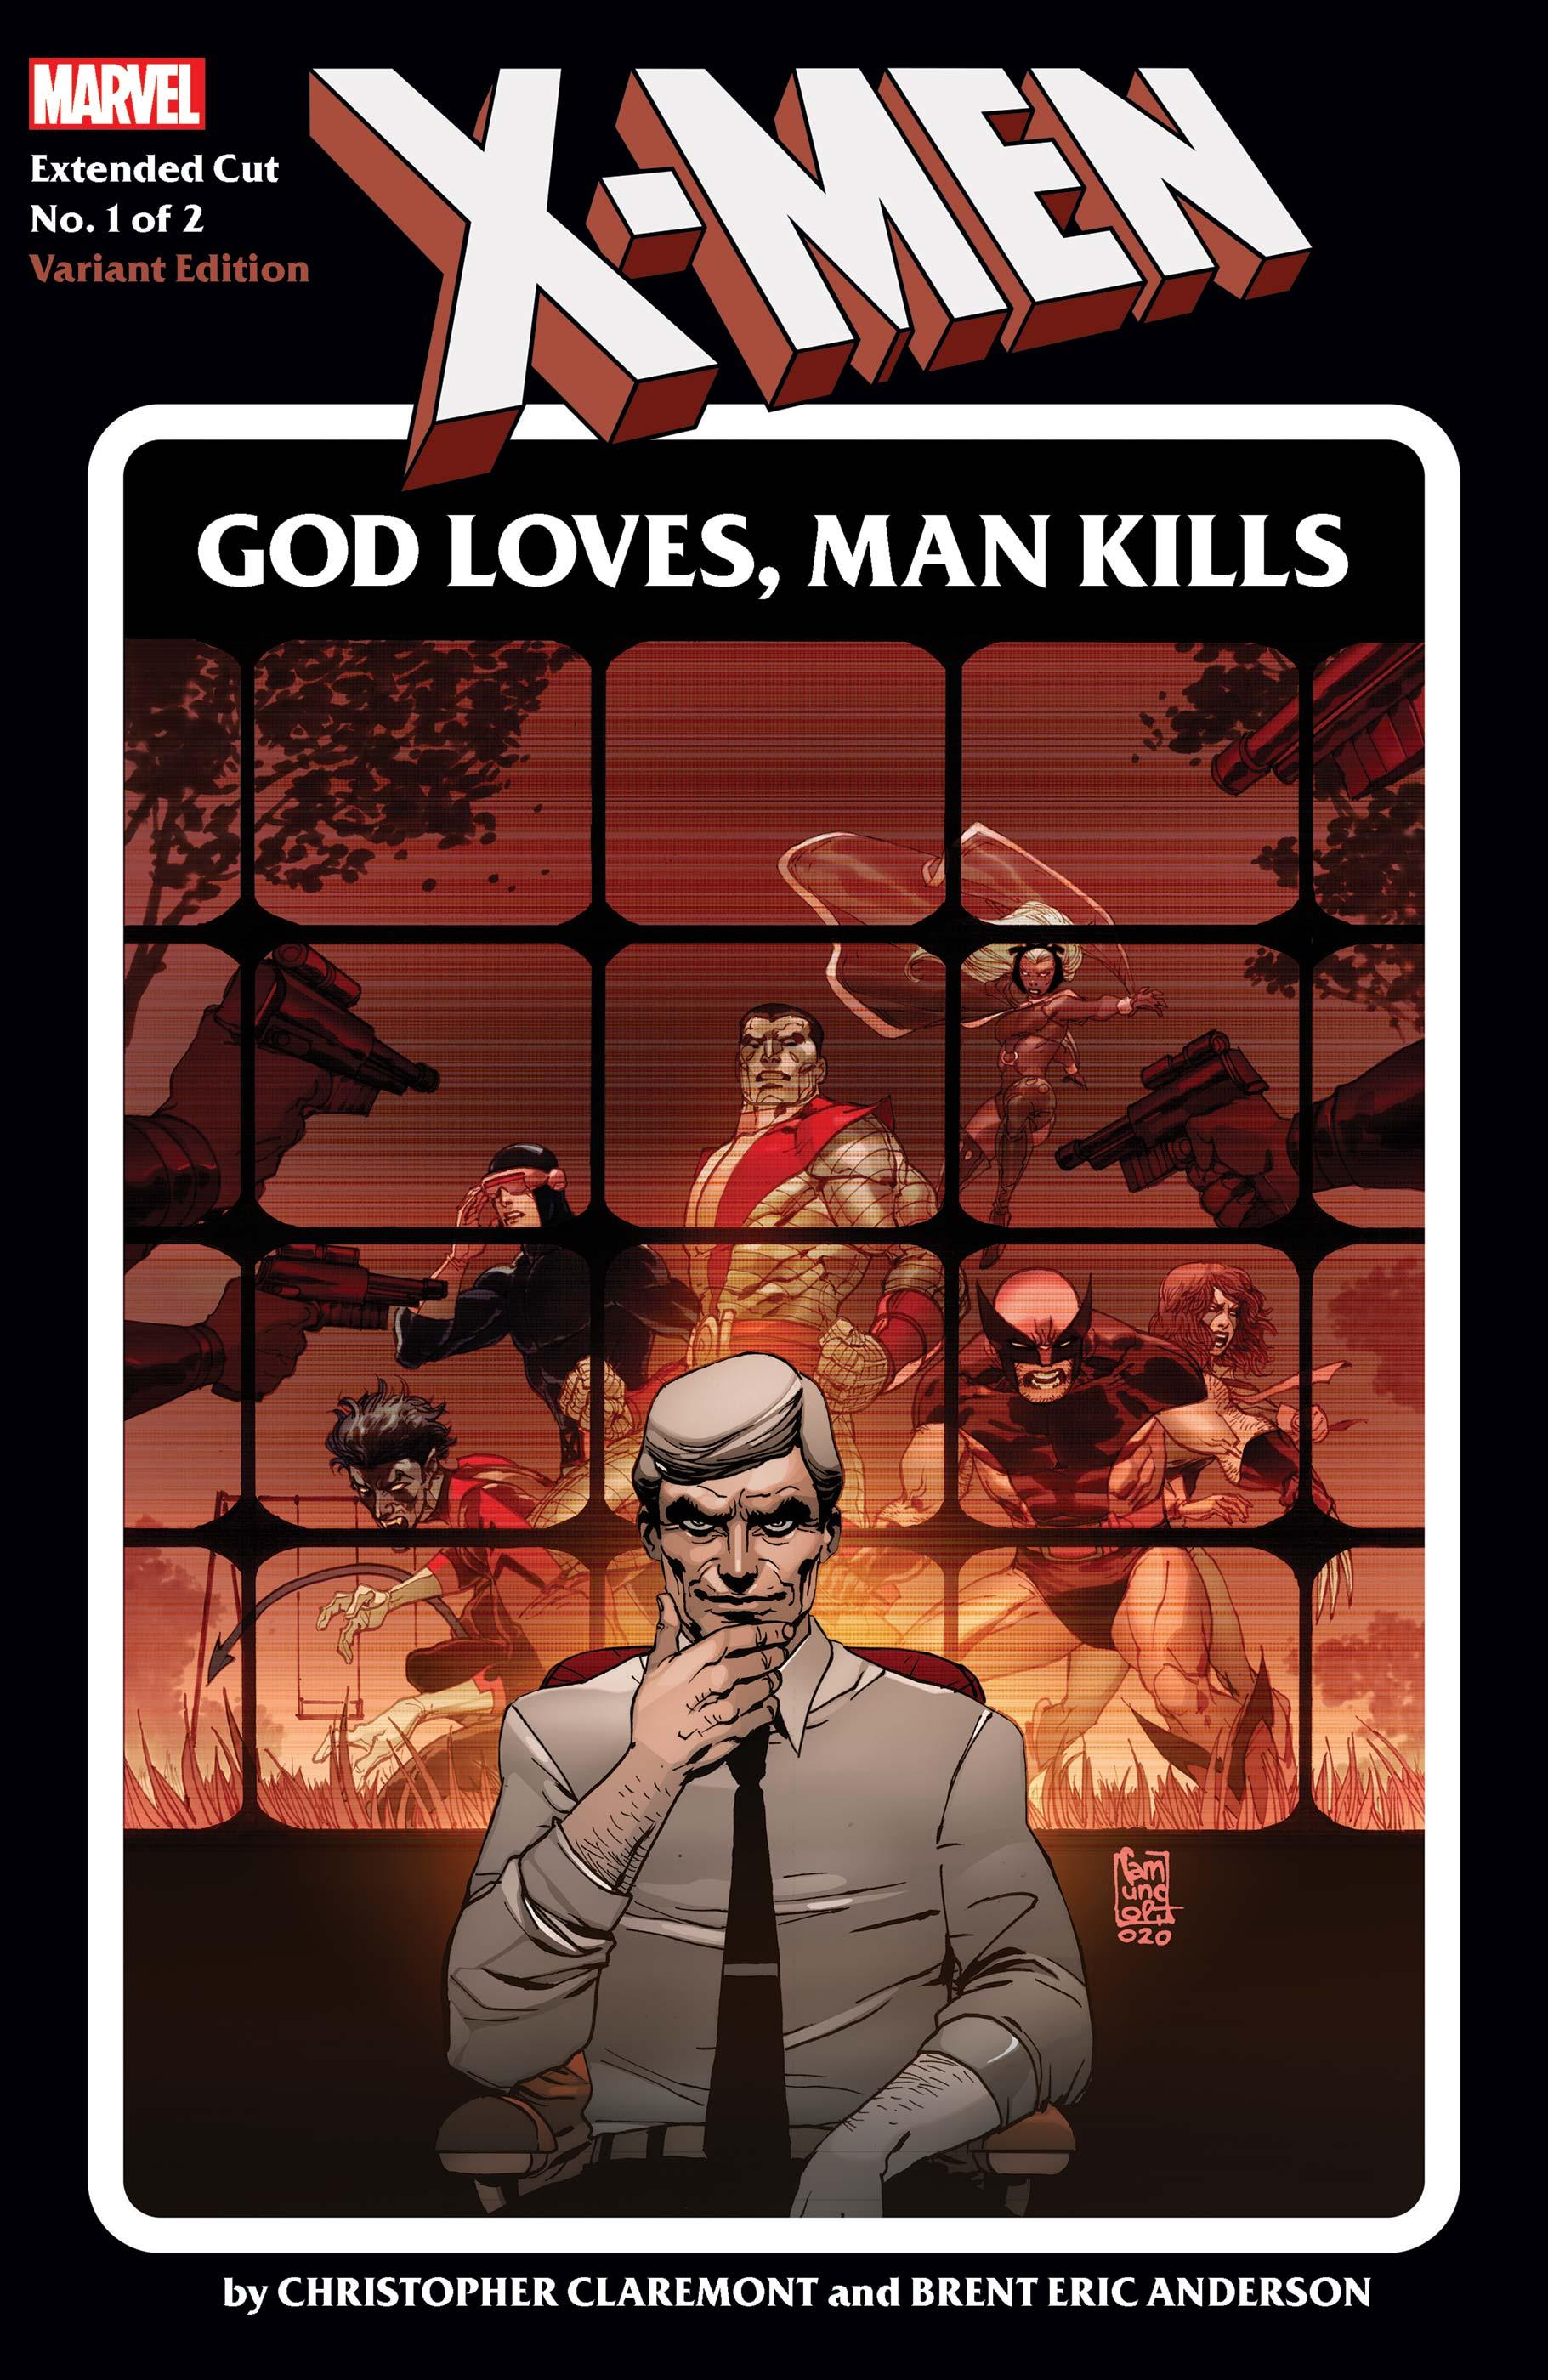 X-Men: God Loves, Man Kills Extended Cut (2020) #1 (Variant)